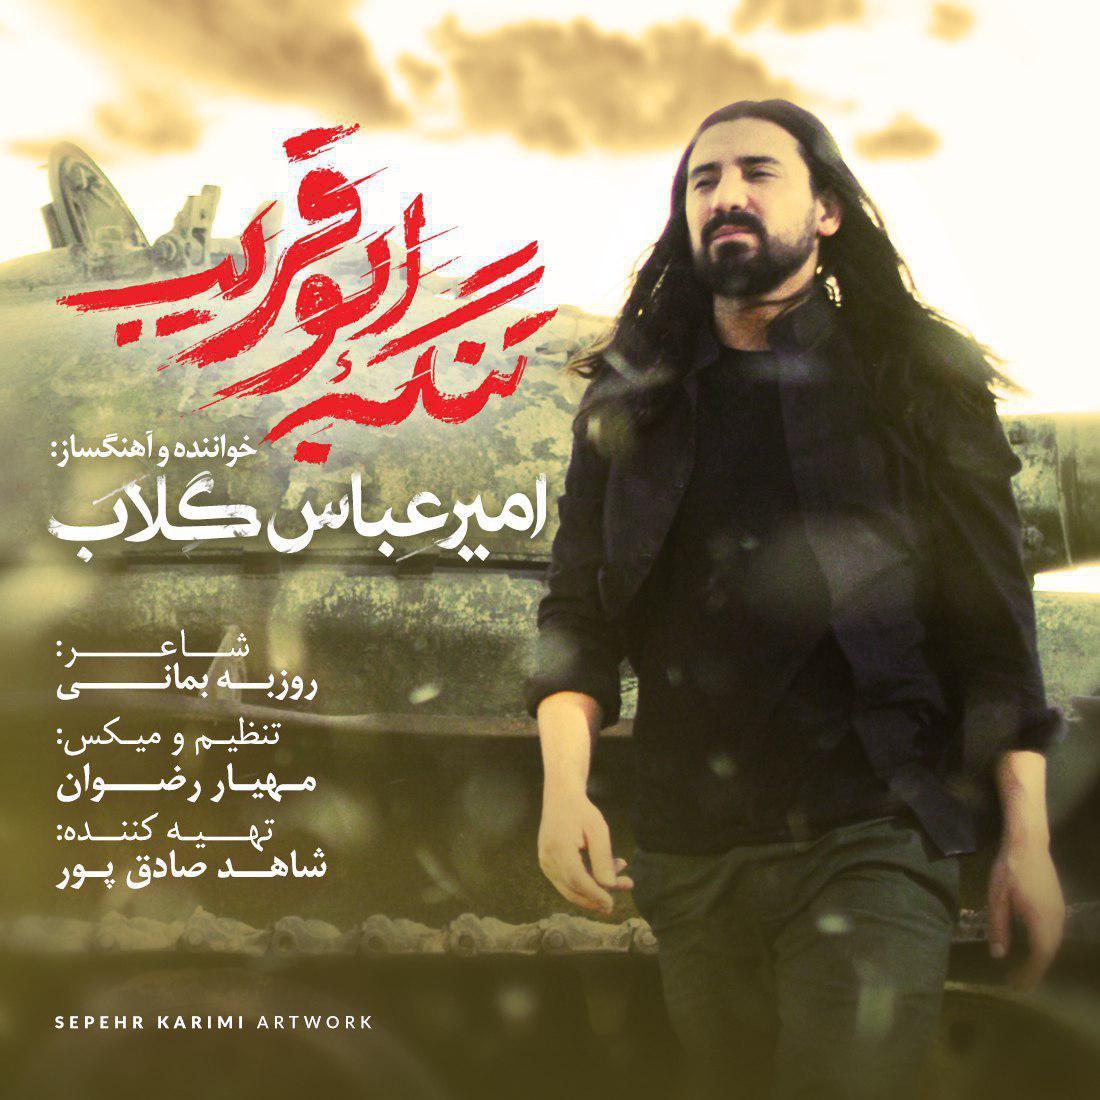 امیر عباس گلاب آهنگ تنگه ابوقریب